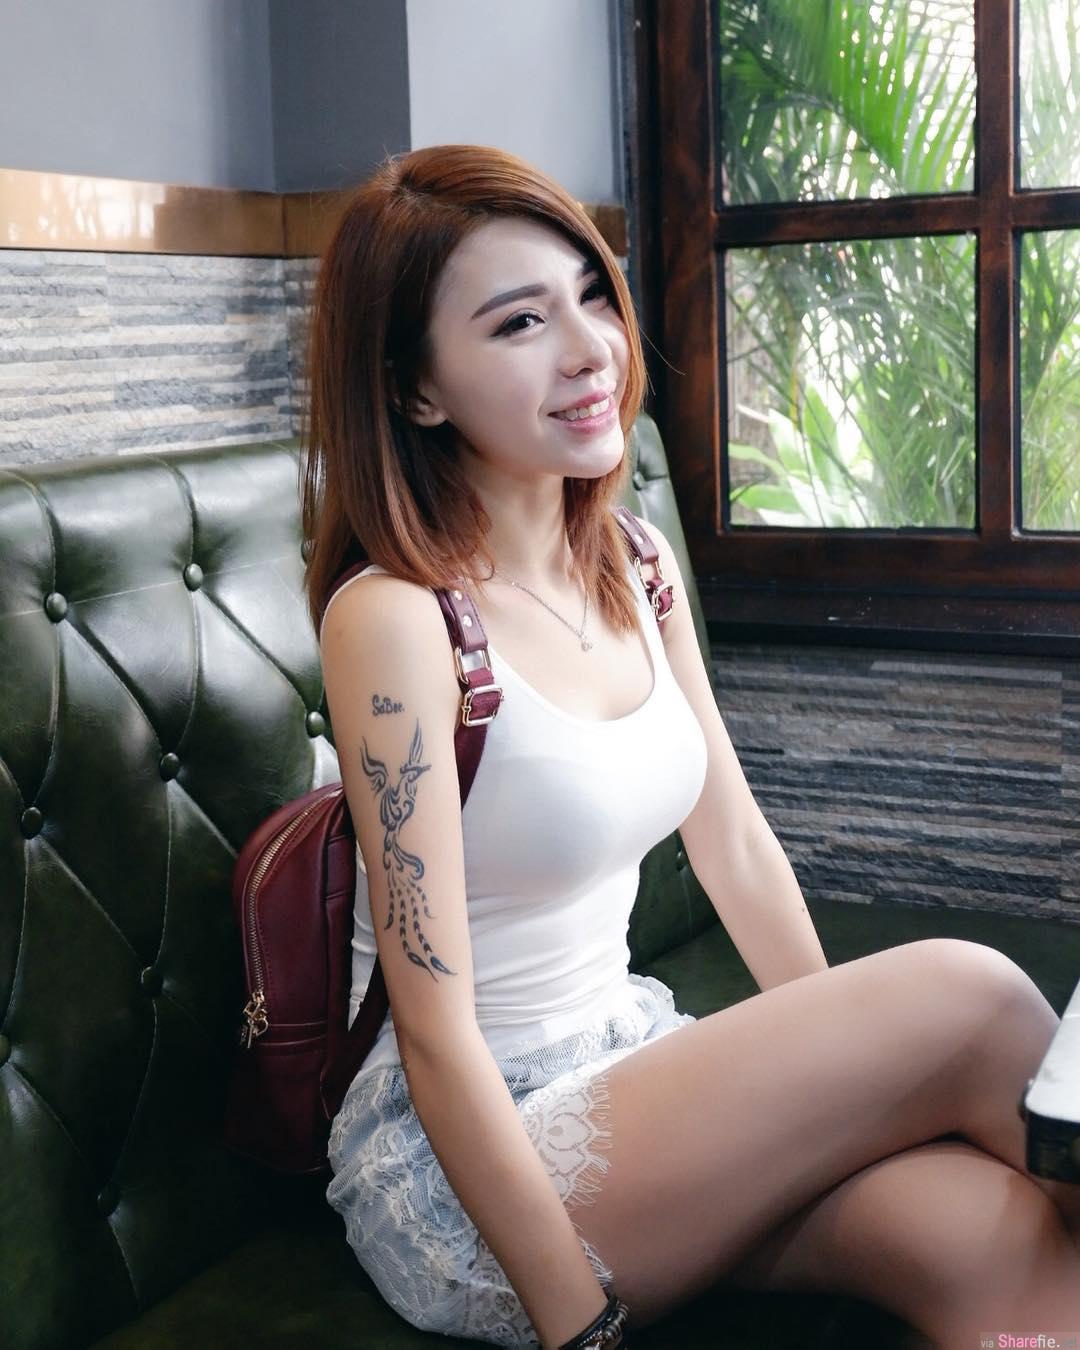 大马正妹陈姝莹,健身展现骄人曲线